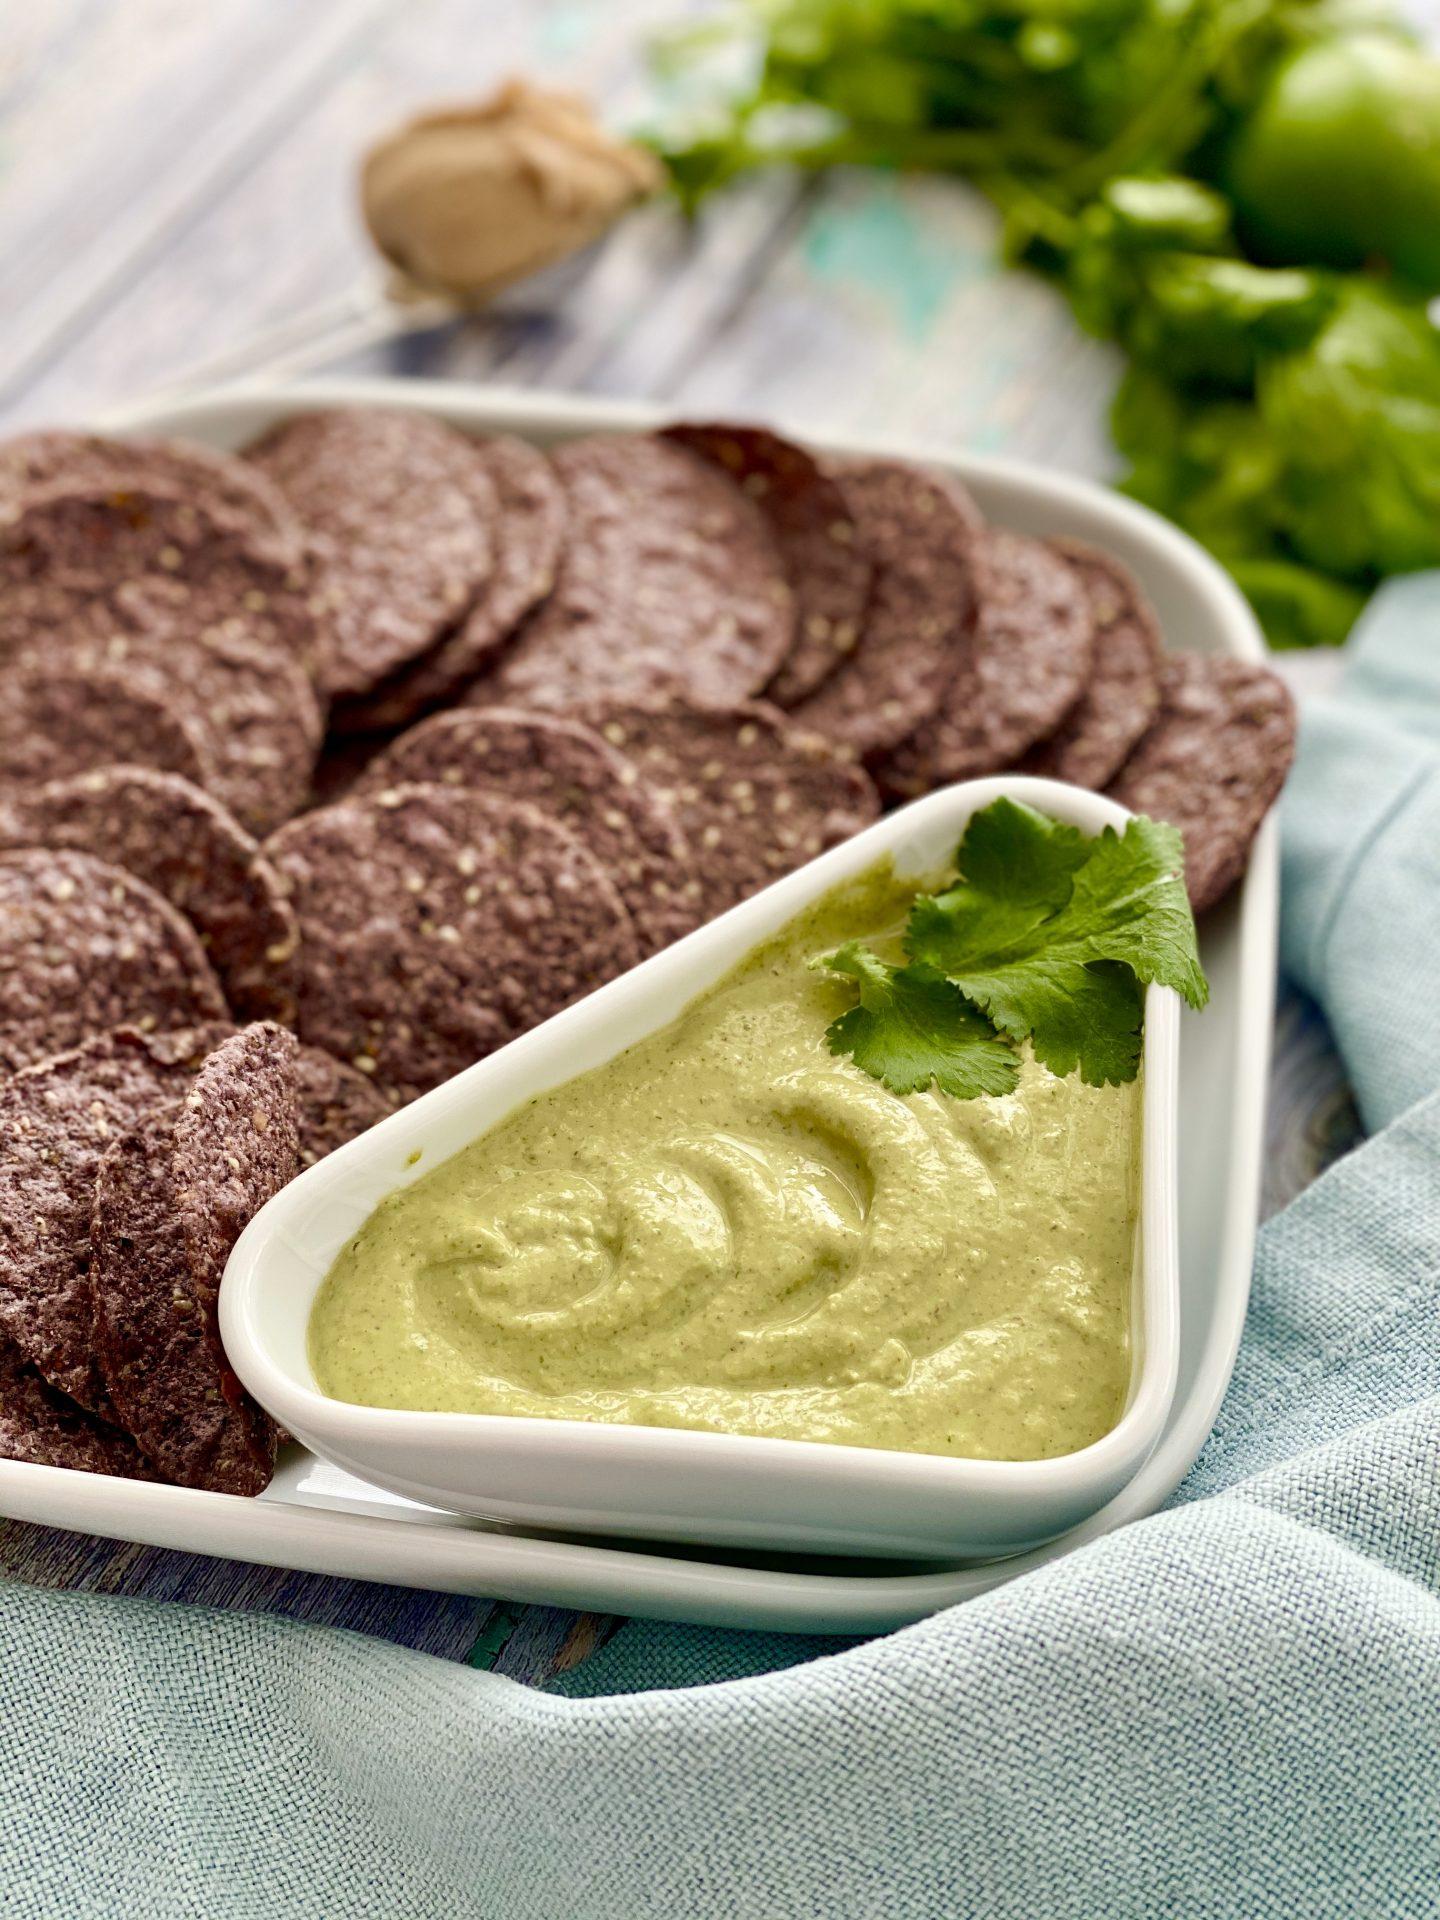 Green-Nut Butter Sauce